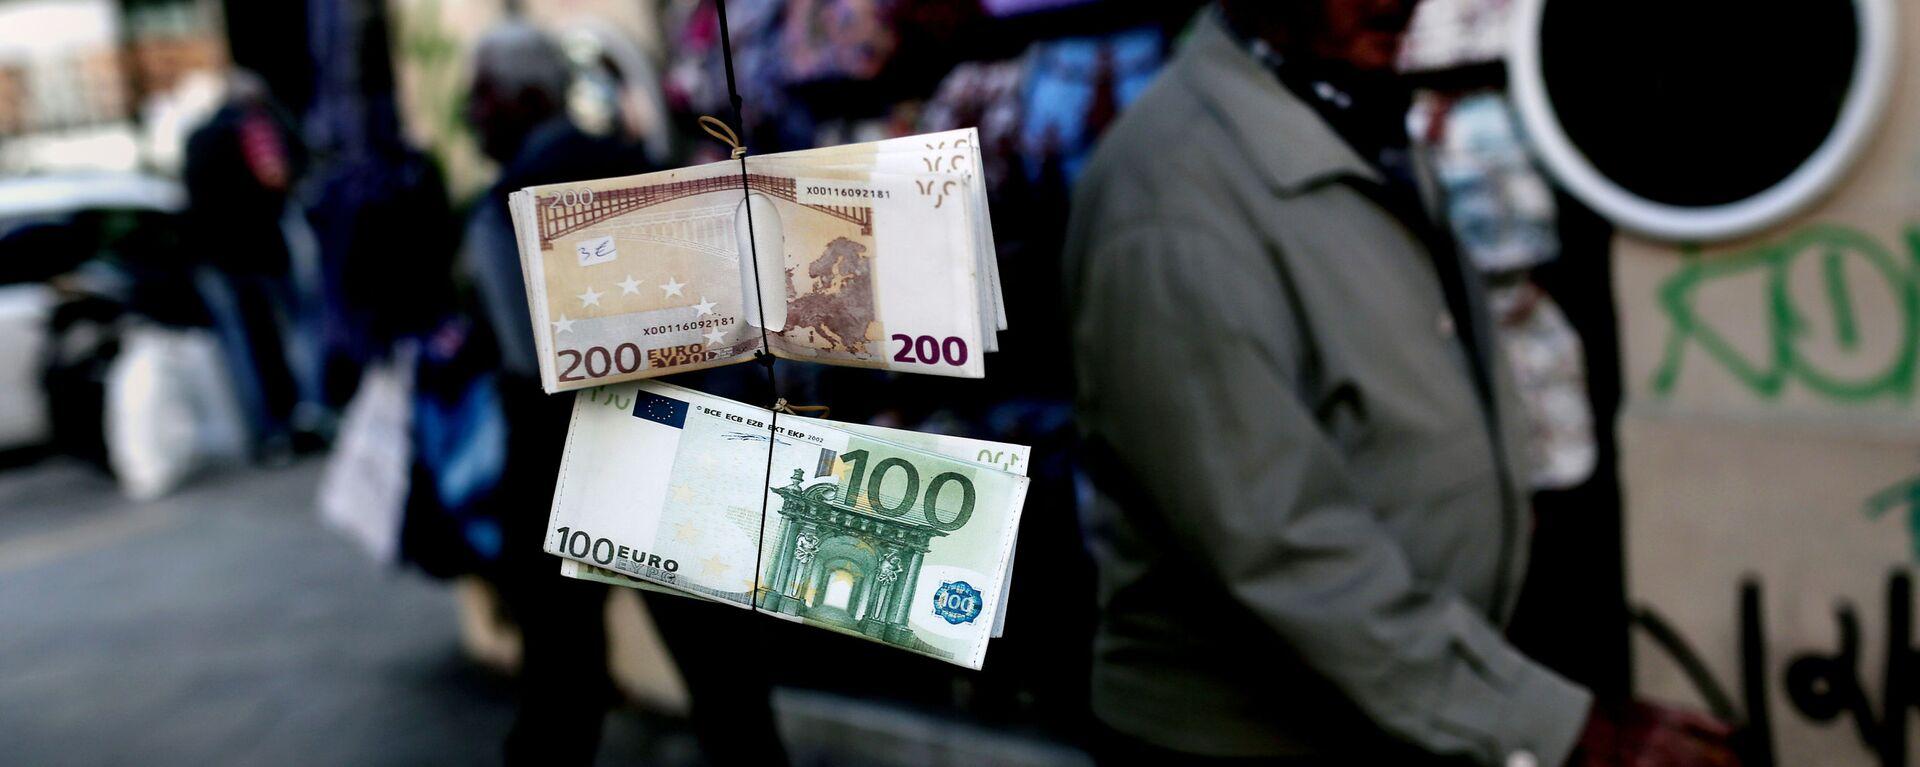 Banknoty euro w Grecji - Sputnik Polska, 1920, 03.09.2021